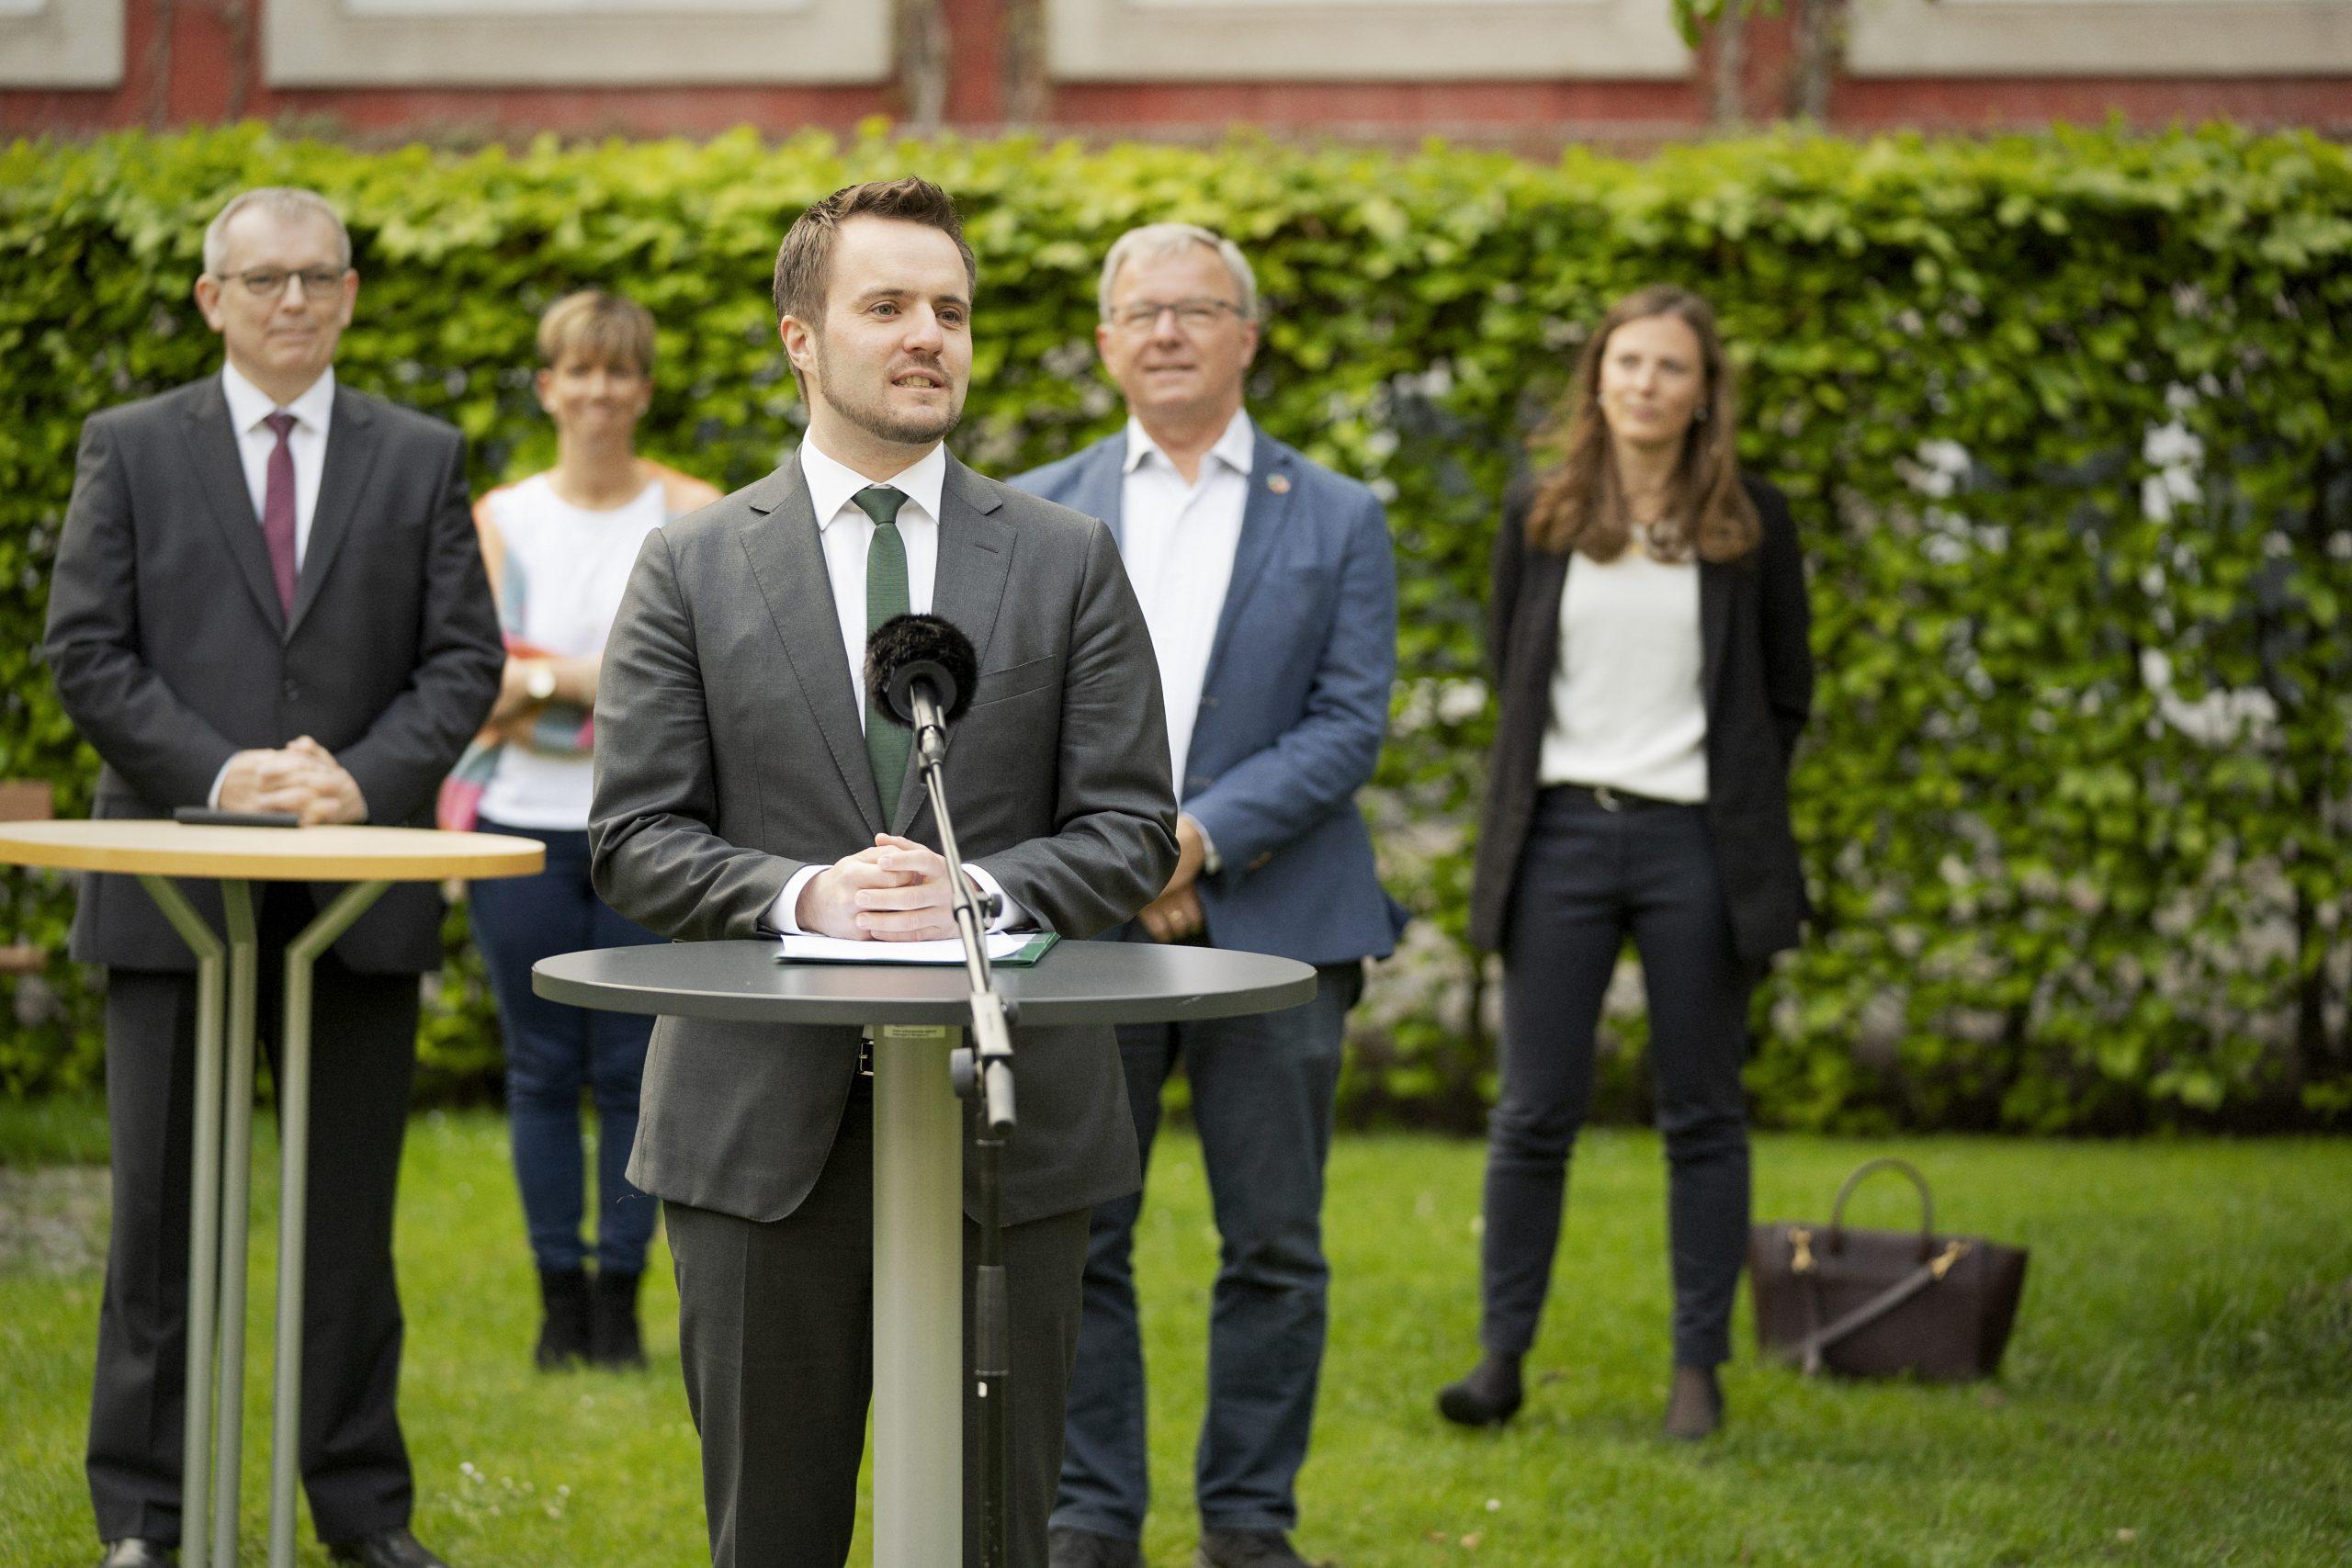 Erhvervsminister Simon Kollerup med repræsentanter fra de øvrige Folketingspartier ved præsentationen sidste måned af den seneste hjælpepakke til rejsebureauerne. Foto: Andreas Beck, erhvervsministeriet.